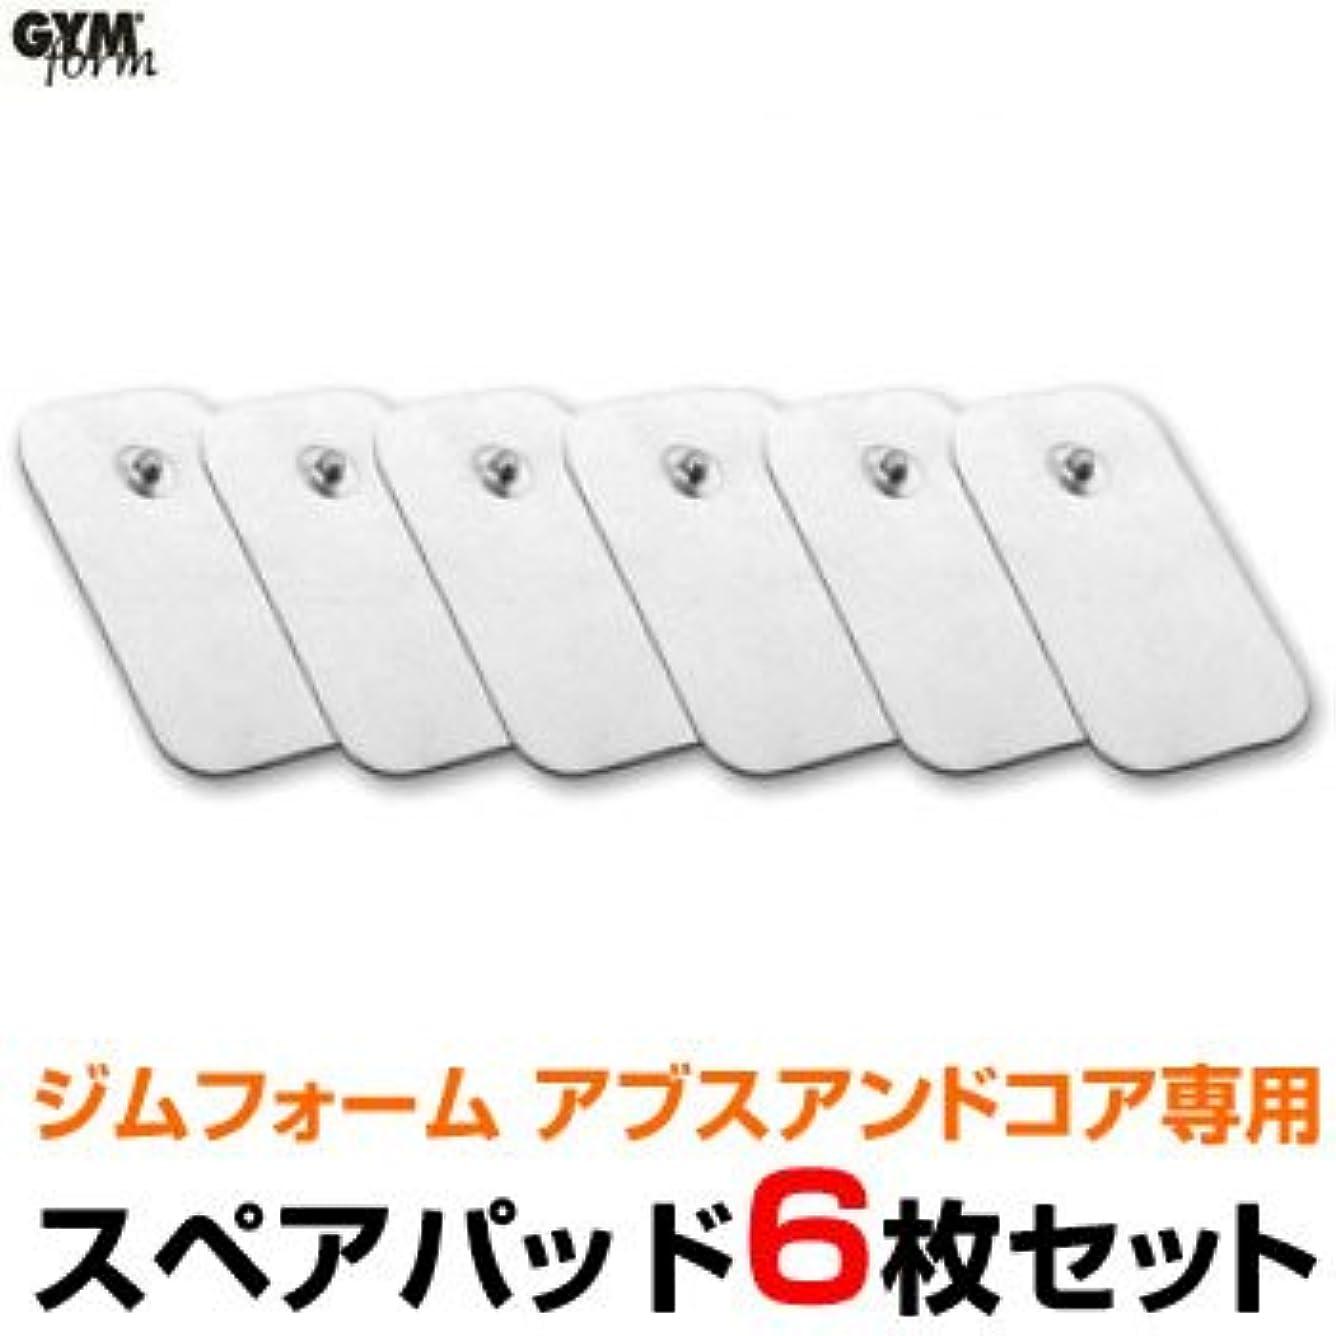 見る真似る本能ジムフォーム アブス&コア専用スペアパッド(GYMform ABS&CORE)6枚セット